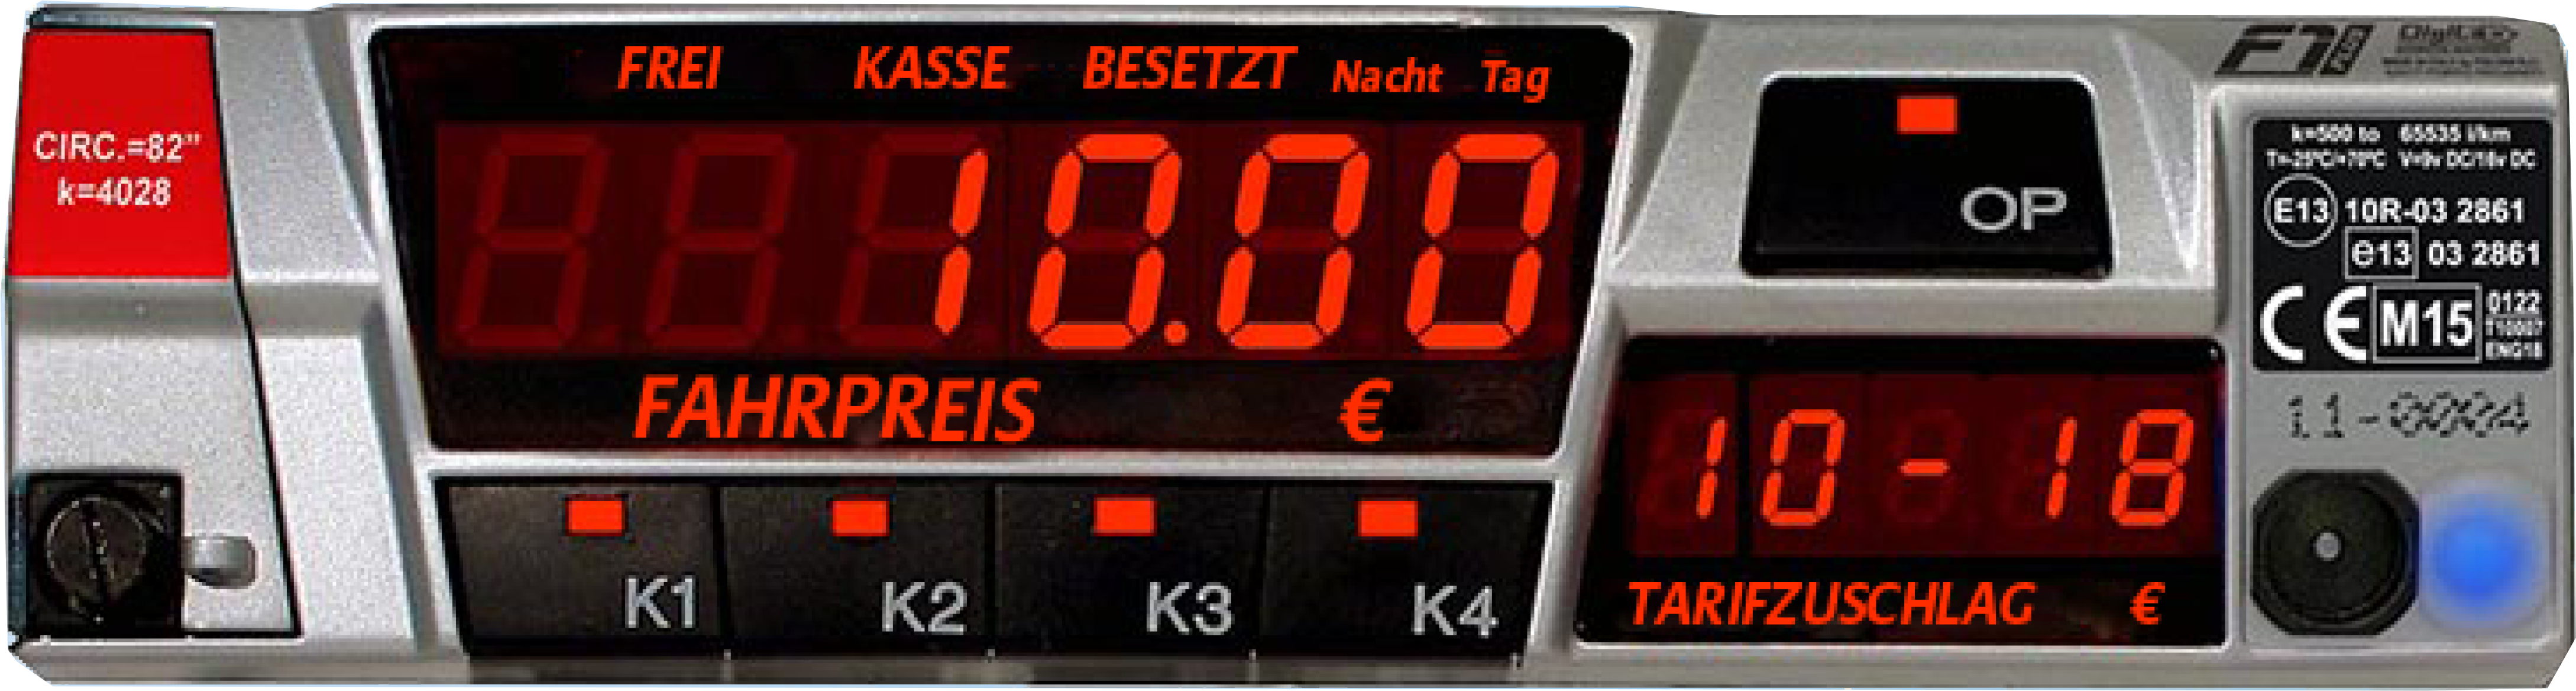 Taxameter: F1+